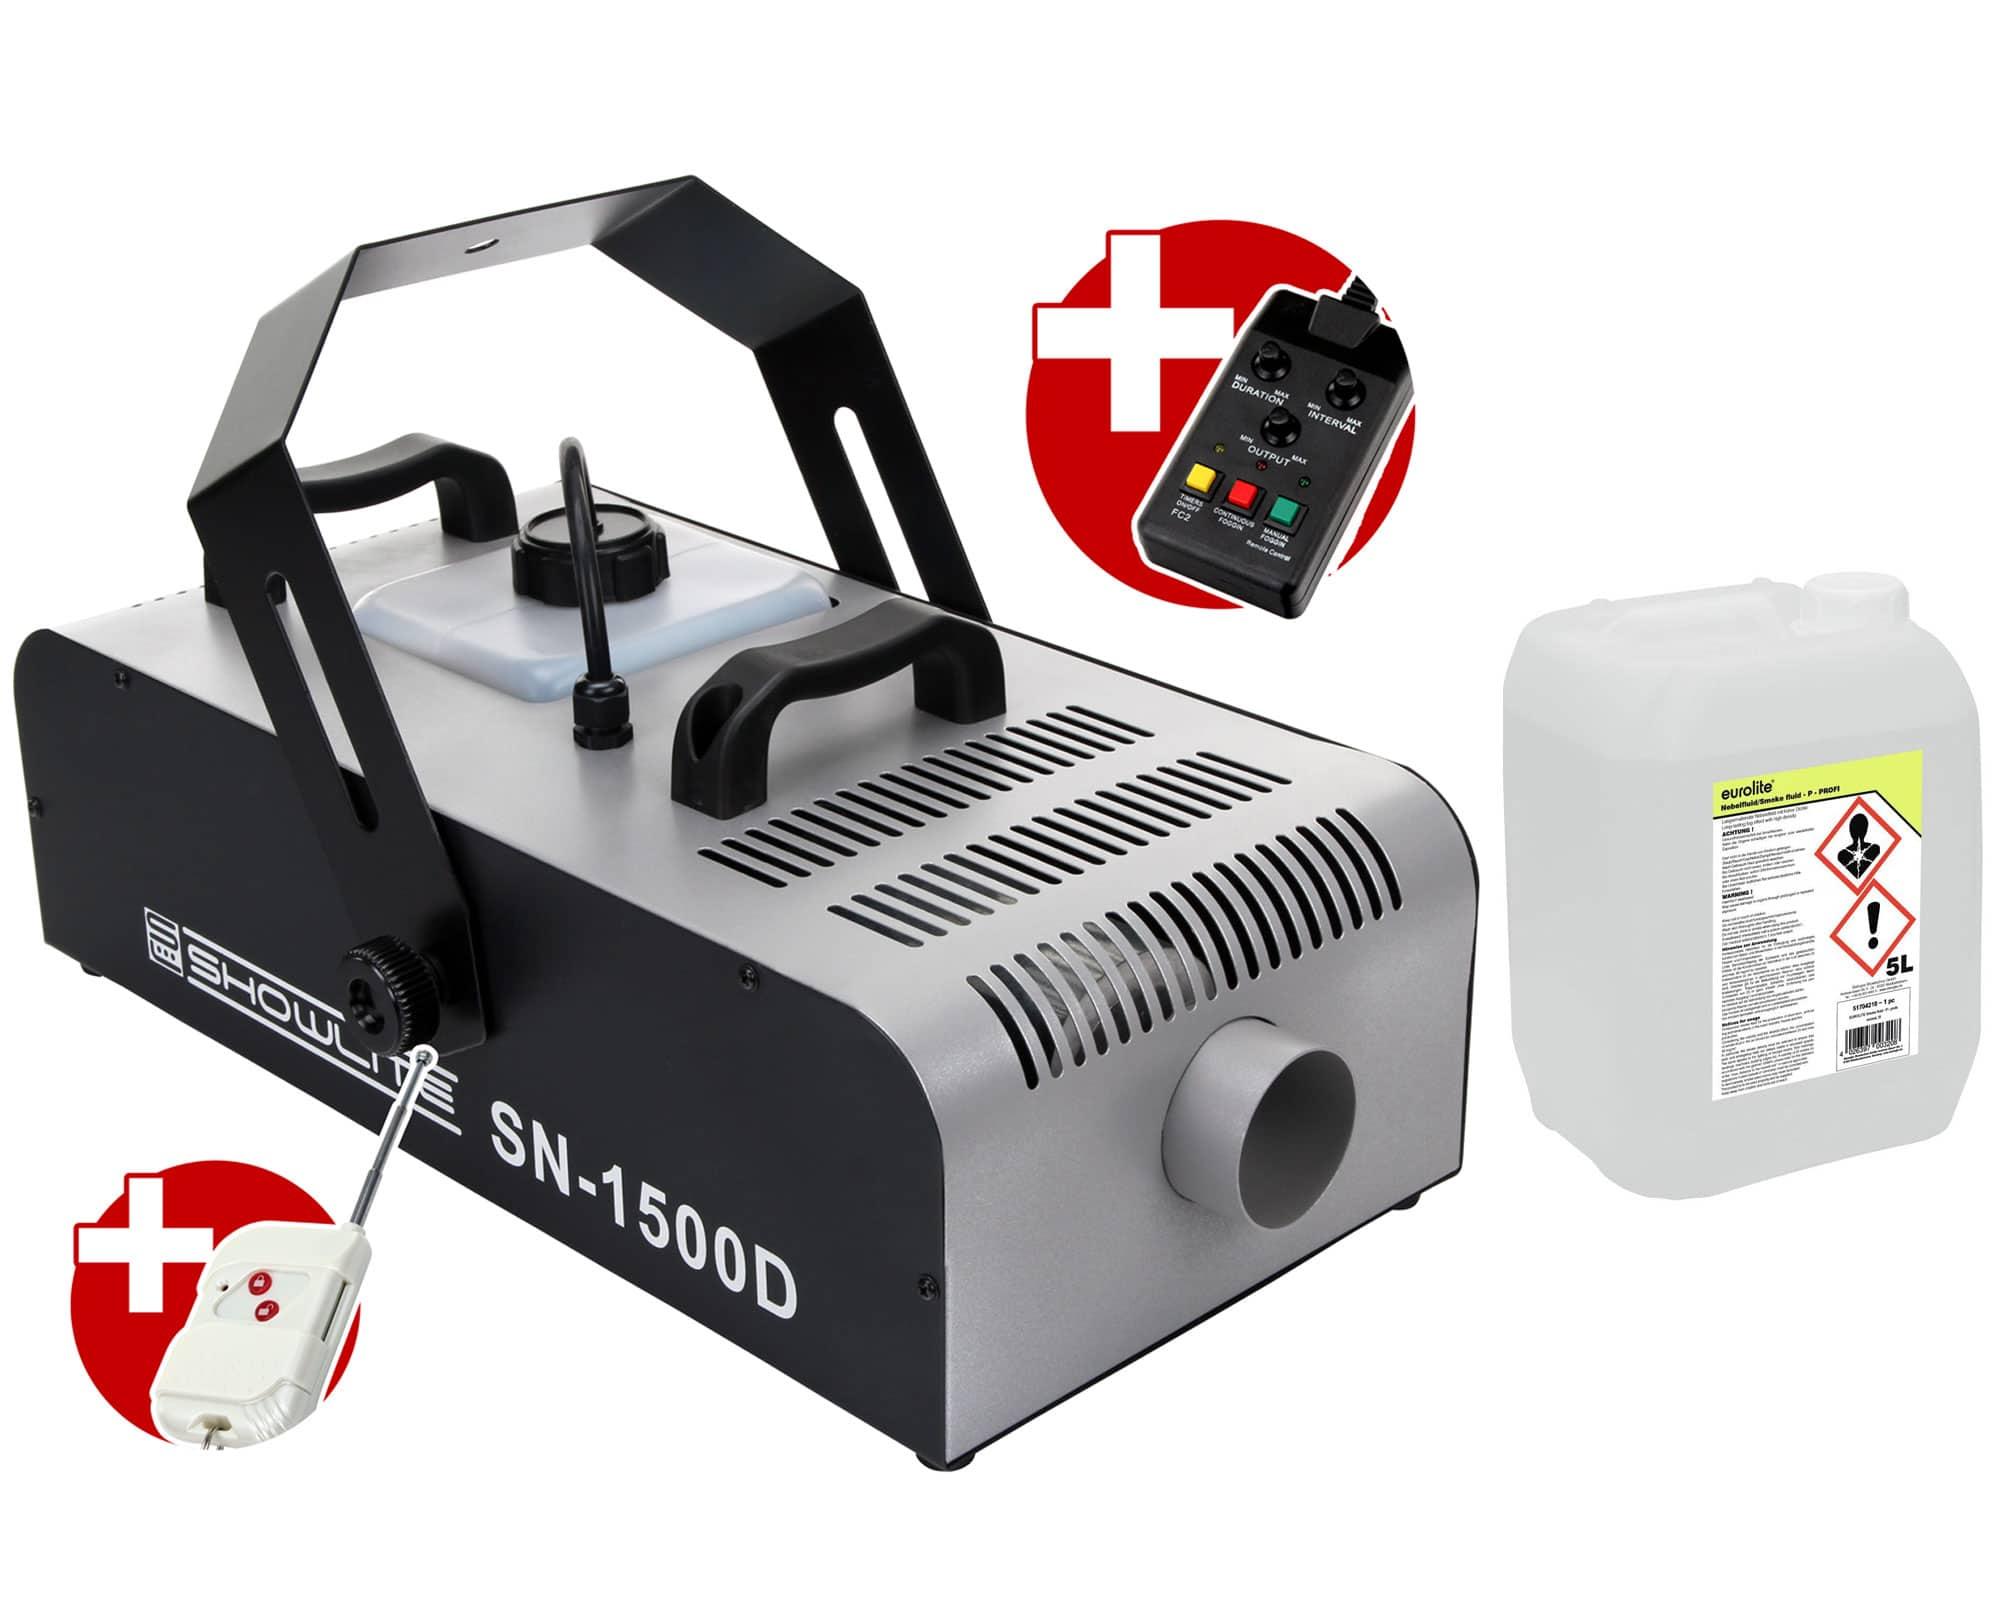 Komplettset Showlite SN 1500 DMX Nebelmaschine 1500W inkl. Fernbedienung mit Timer 5 L Nebelfluid